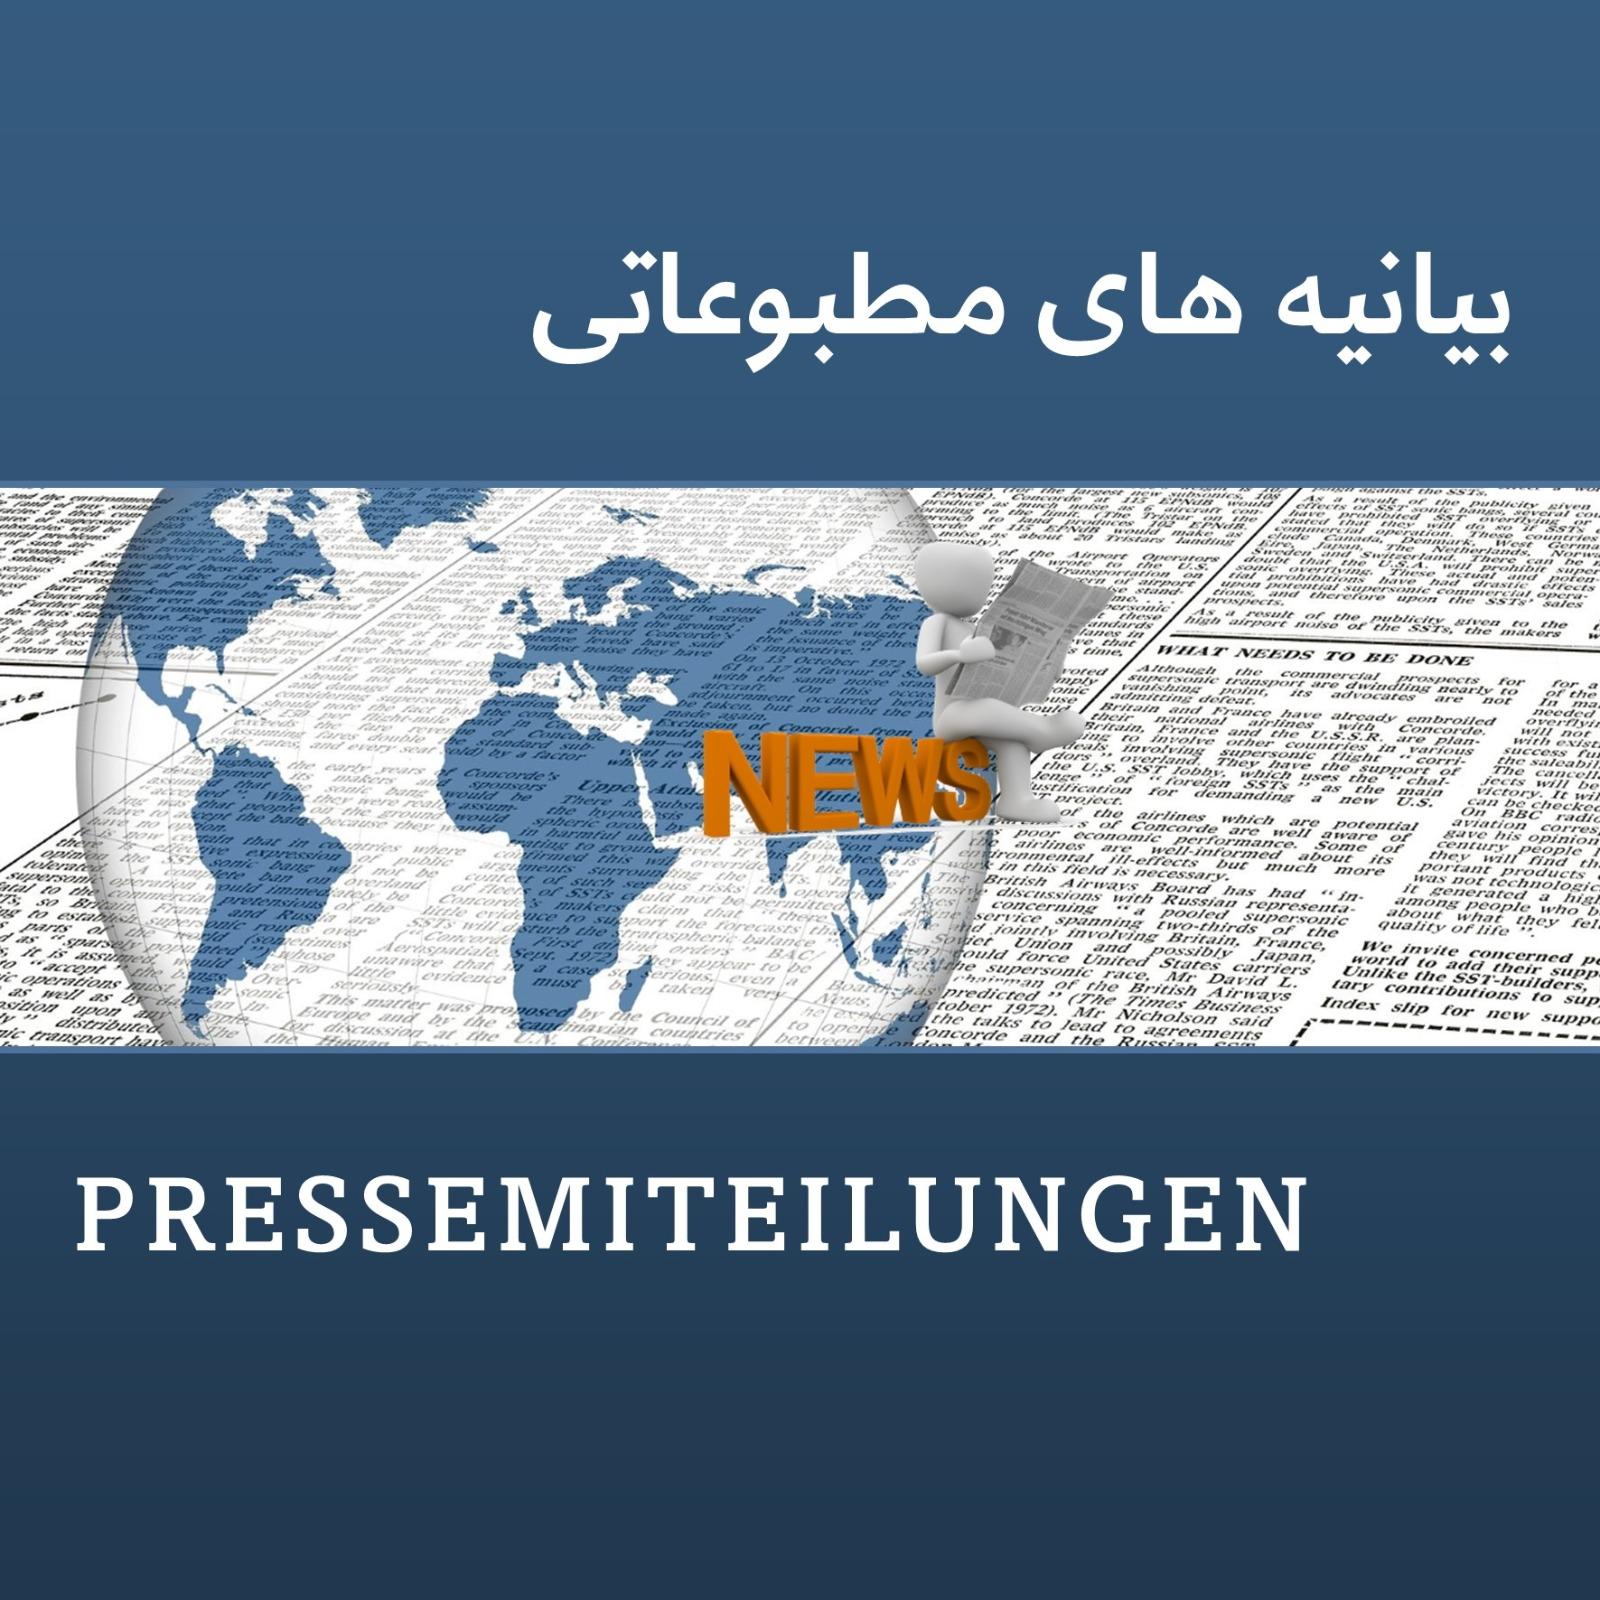 فراخوان جامعه ایرانیان در آلمان برای شرکت گسترده در انتخابات ٢٠٢١